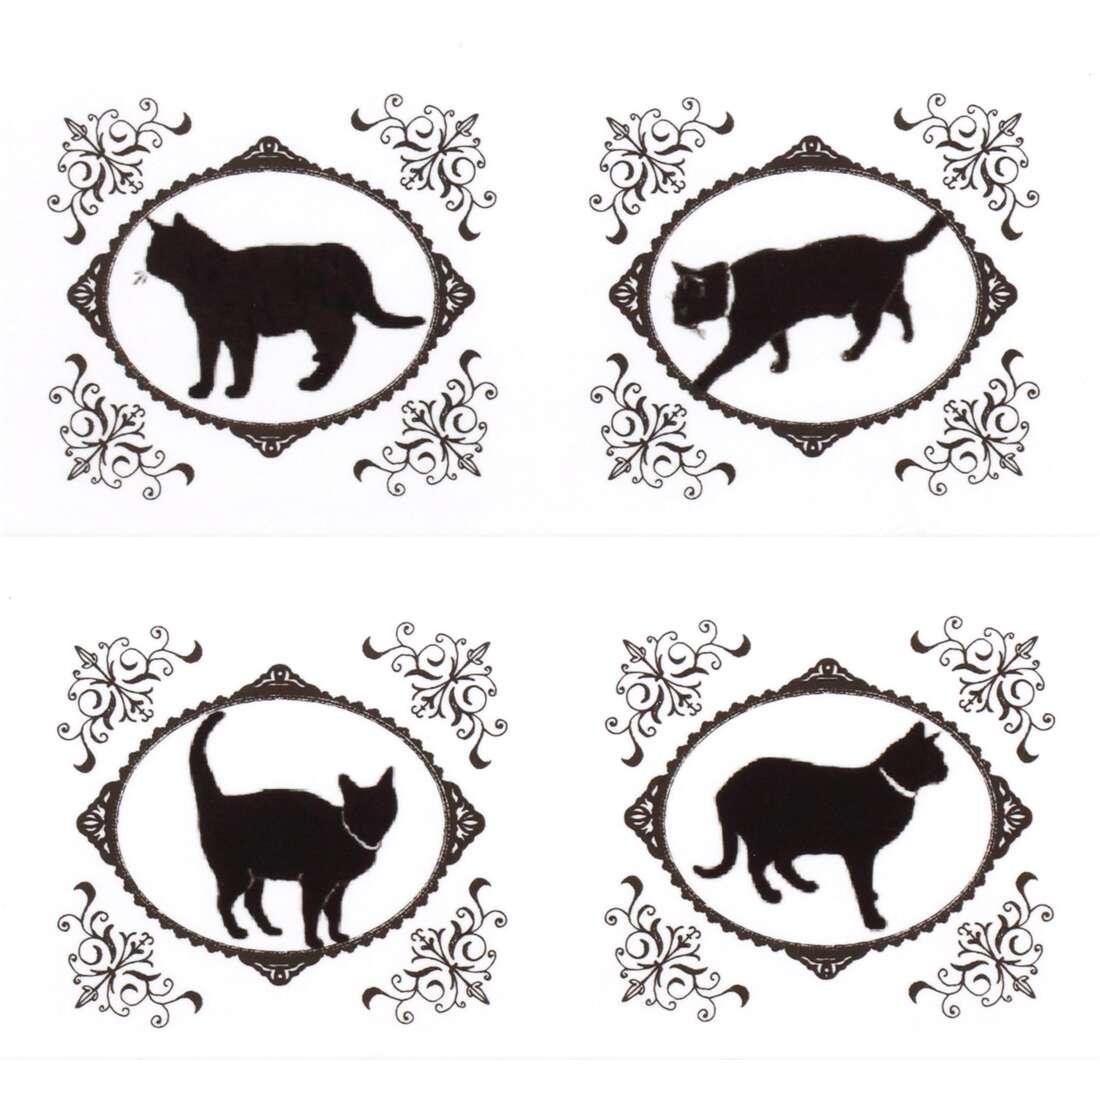 Nastro adesivo decorativo grande bianco gatti 25m nastri adesivi con animali nastri adesivi - Nastri decorativi natalizi ...